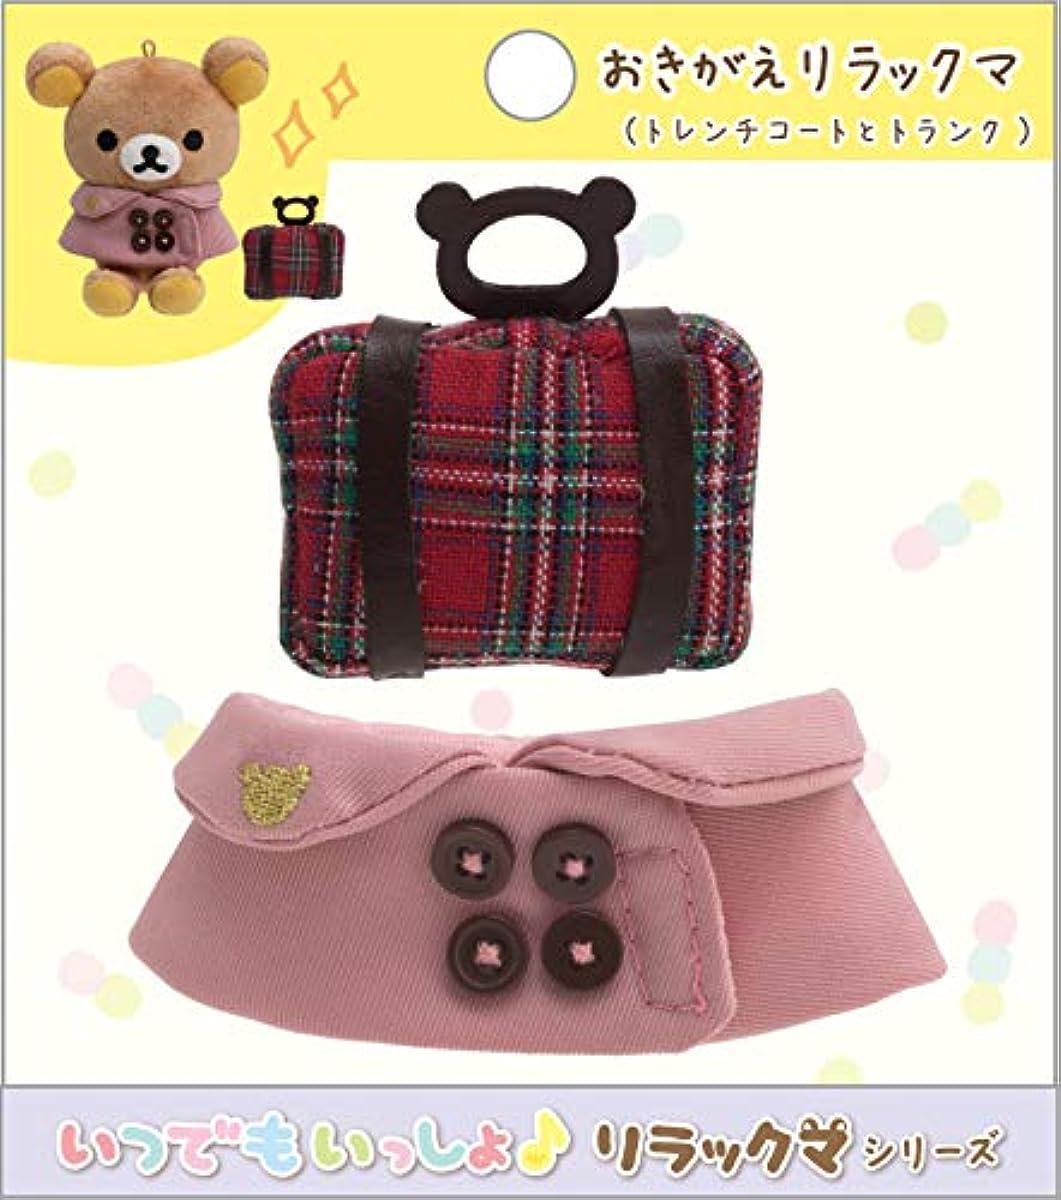 [해외] 리락쿠마 언제라도 함께 옷갈아입히기 리락쿠마 트렌치코팅와 트렁크